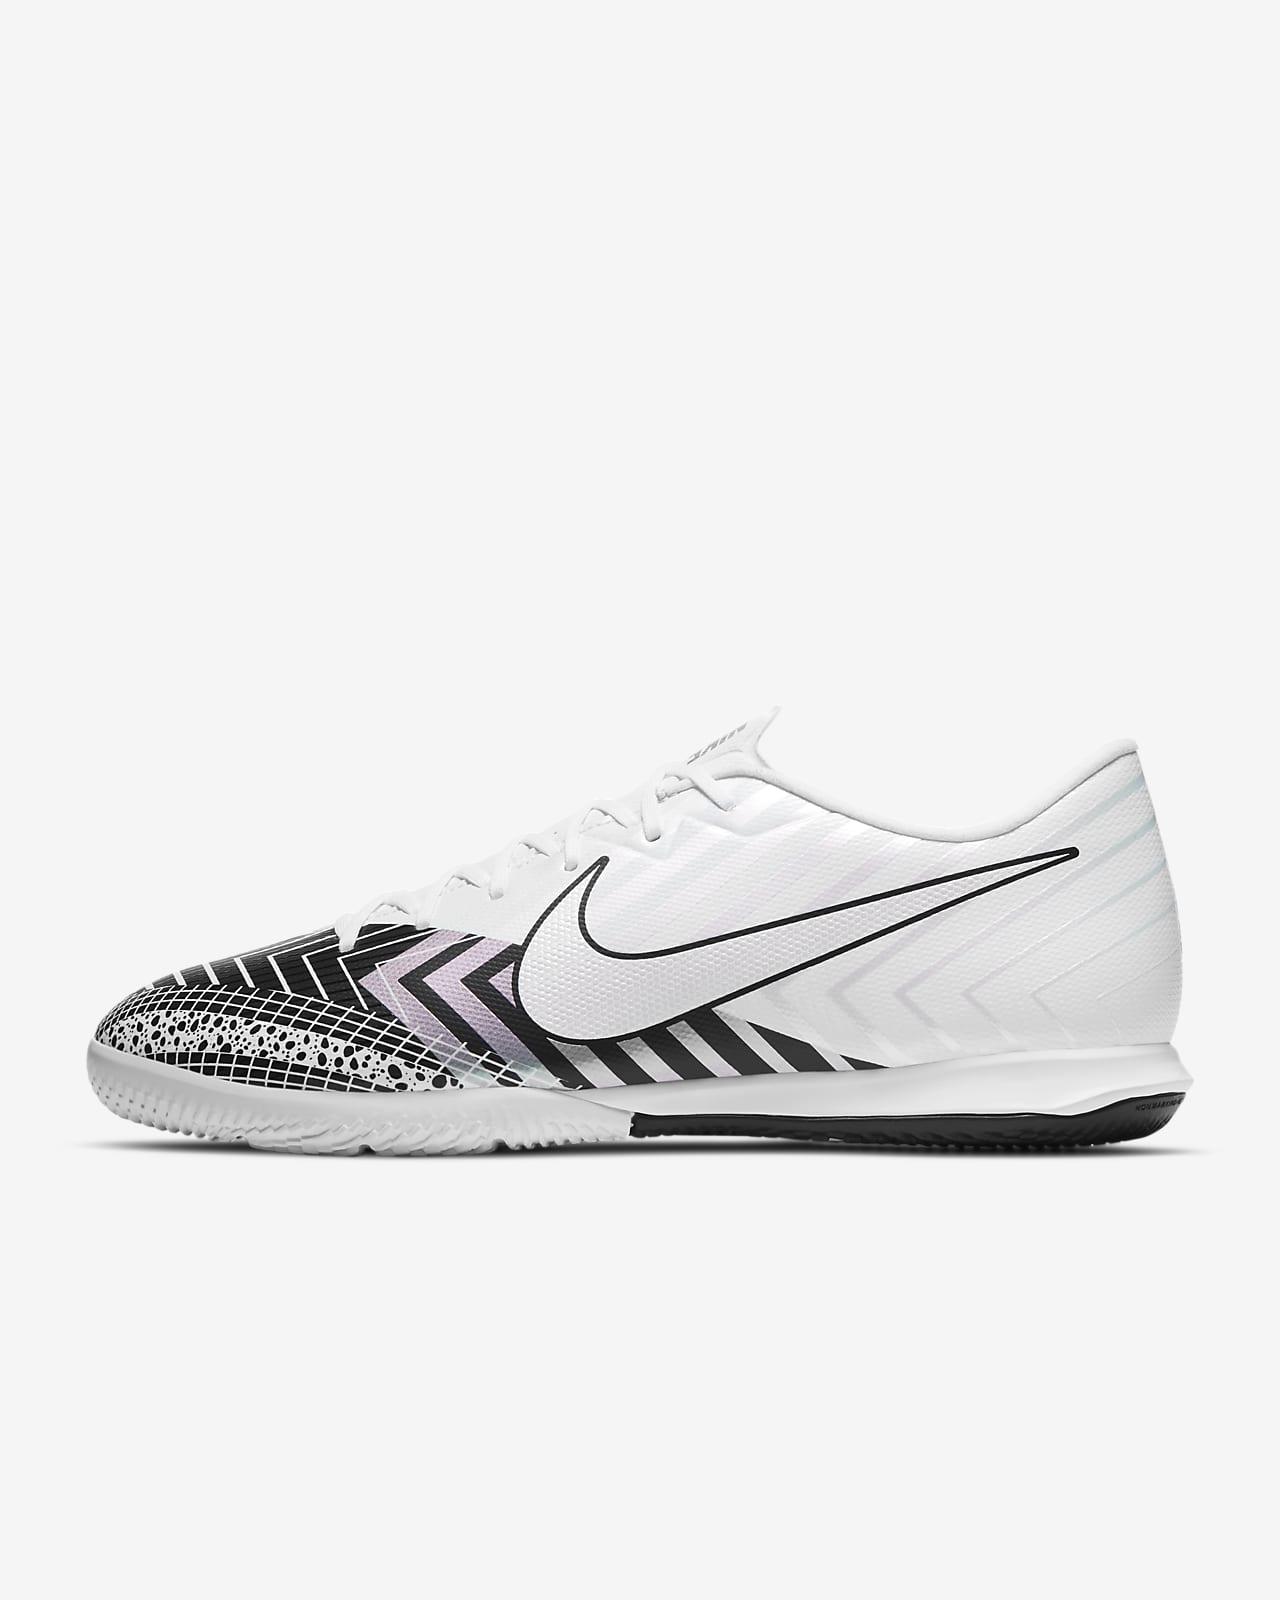 Nike Mercurial Vapor 13 Academy MDS IC Indoor Court Football Shoe